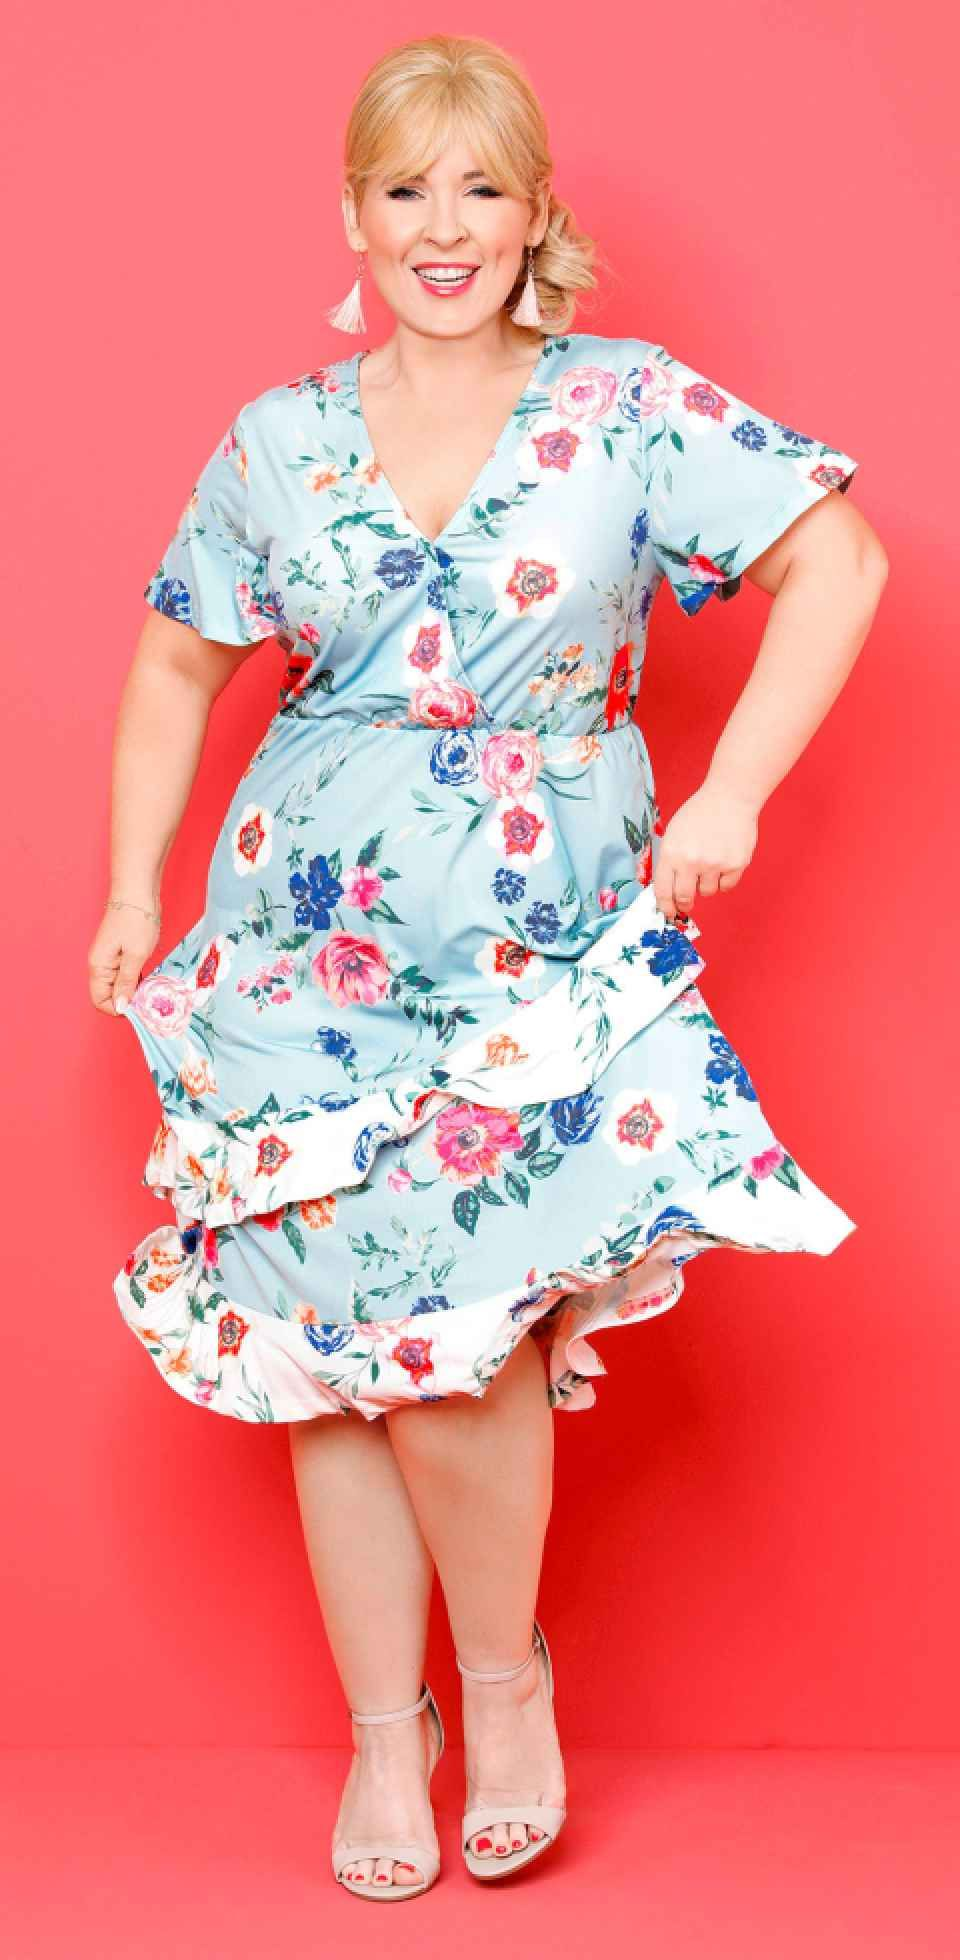 Damen - Kleid in Wickeloptik - designt von Maite Kelly ...